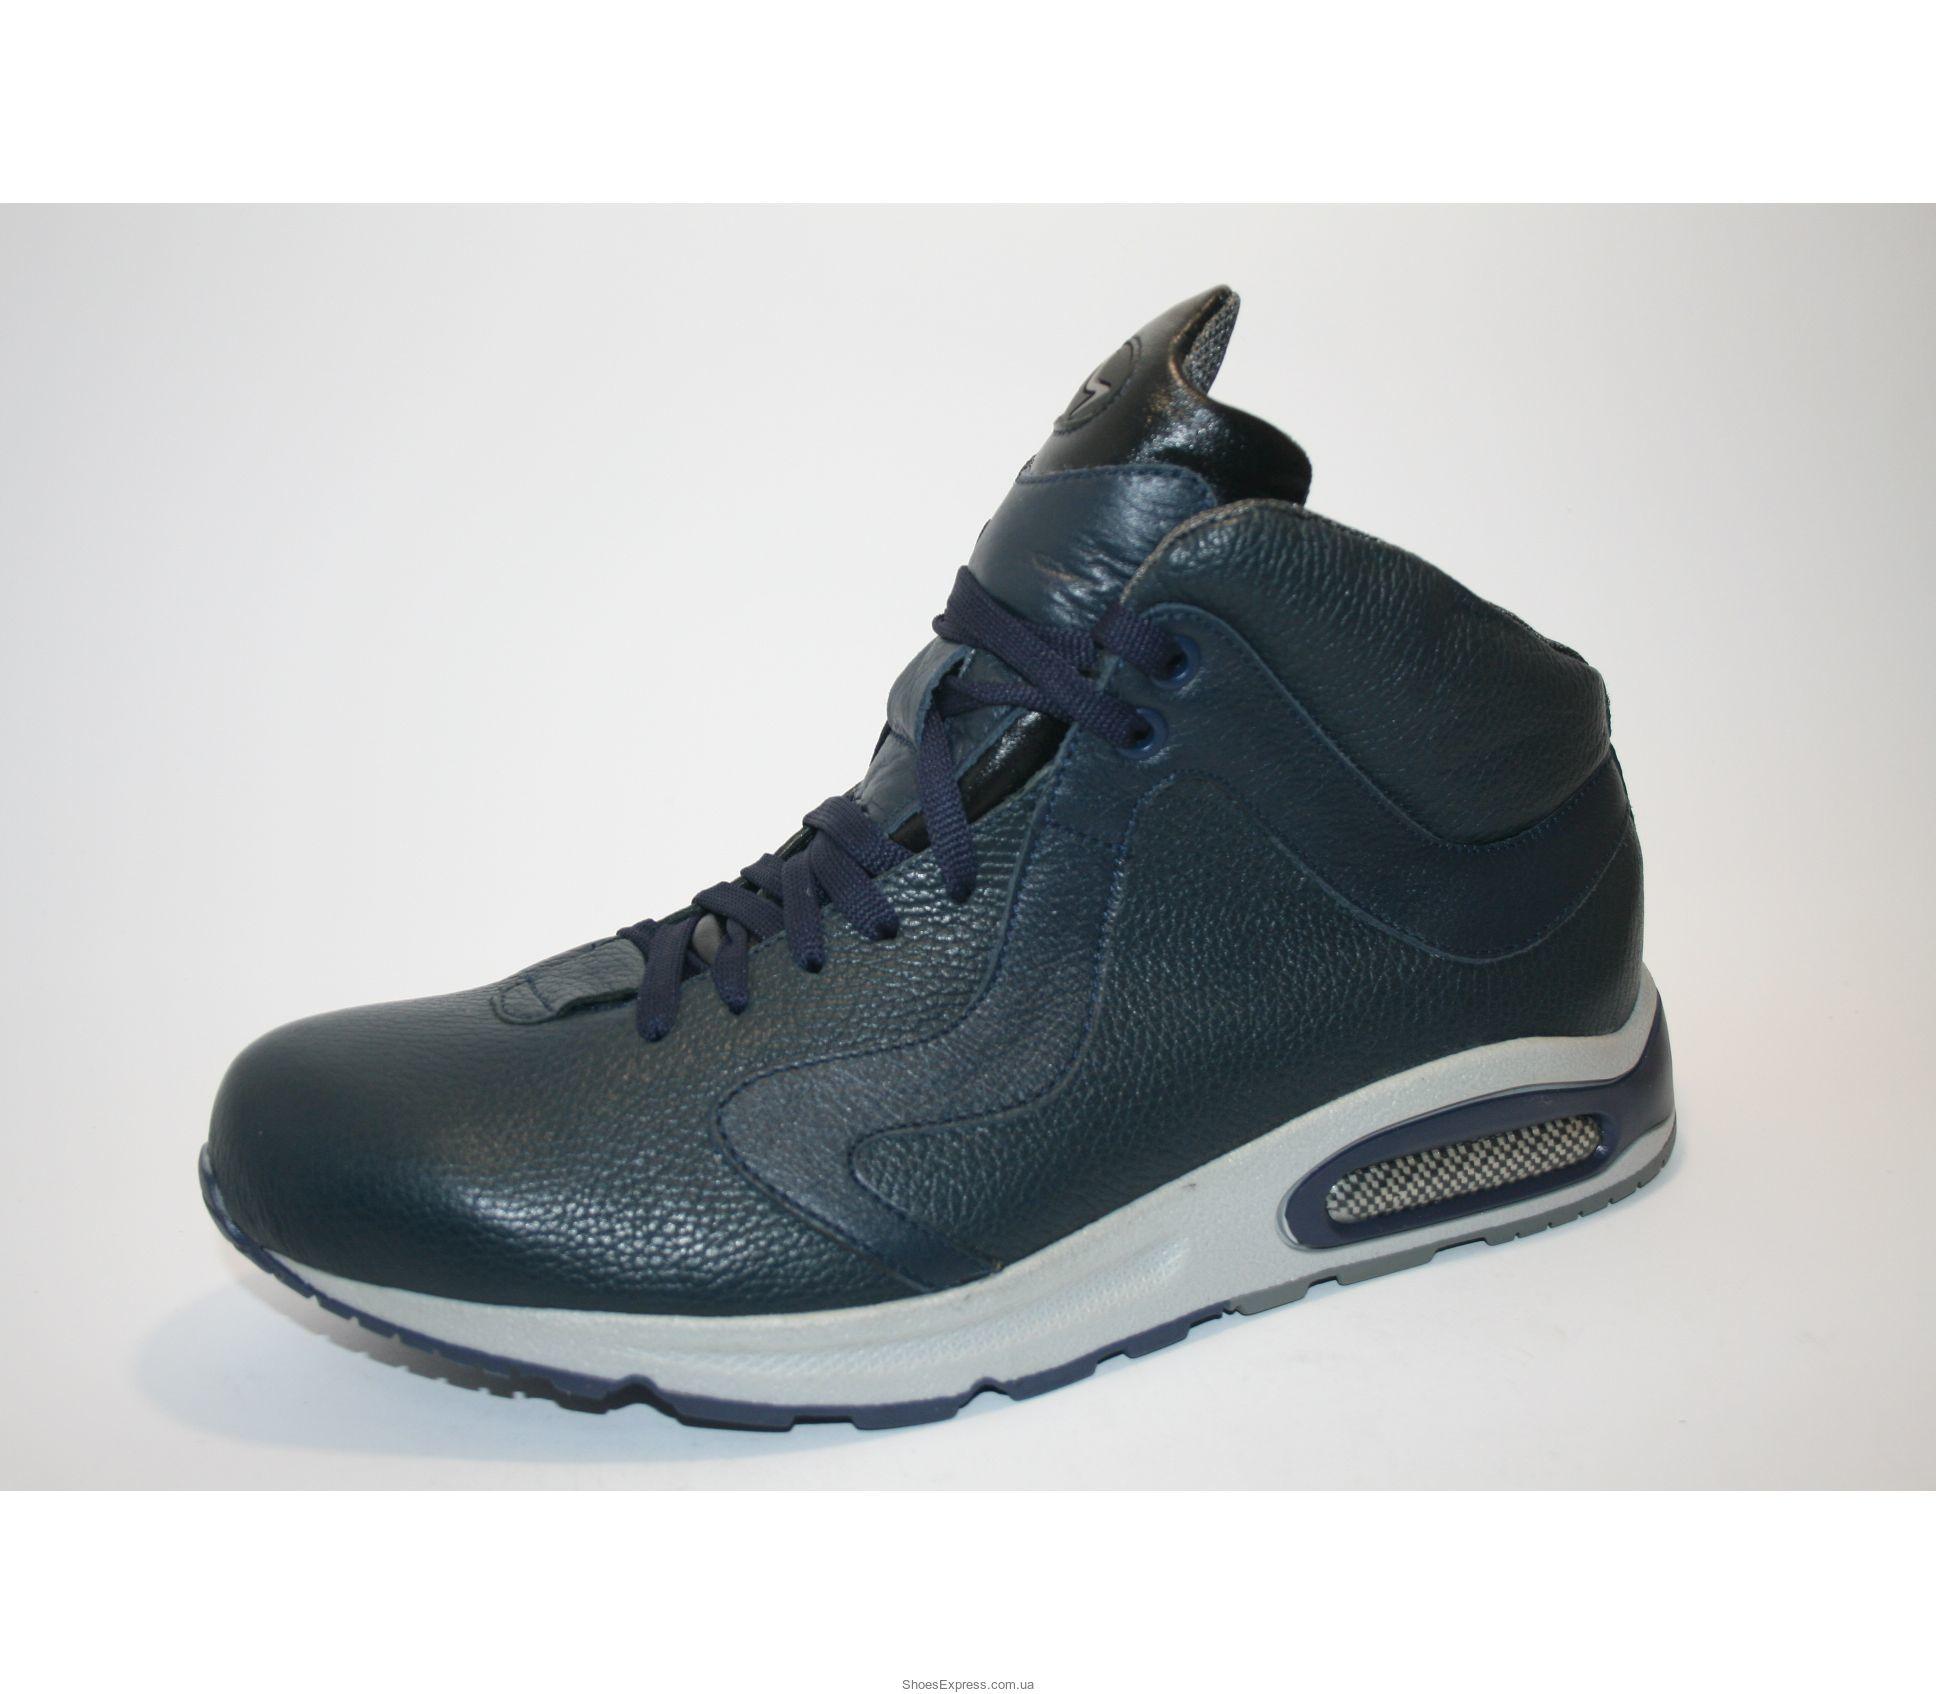 574d688b4 Ботинки мужские демисезонные MIDA 12215 (235). Главная / Мужская обувь / Стиль  обуви / Городской комфорт ...